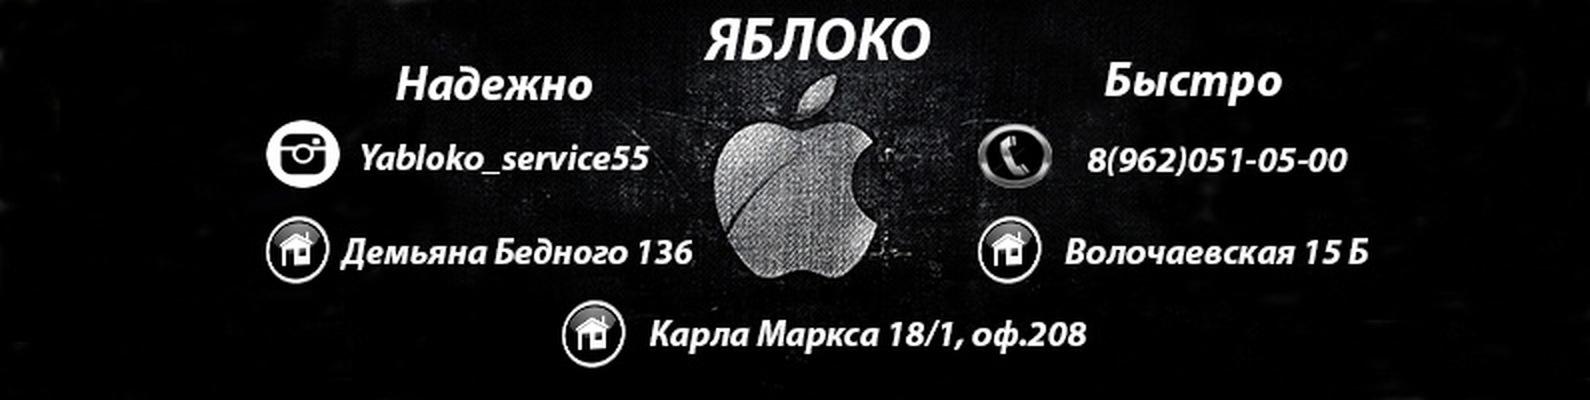 ремонт apple на волочаевской